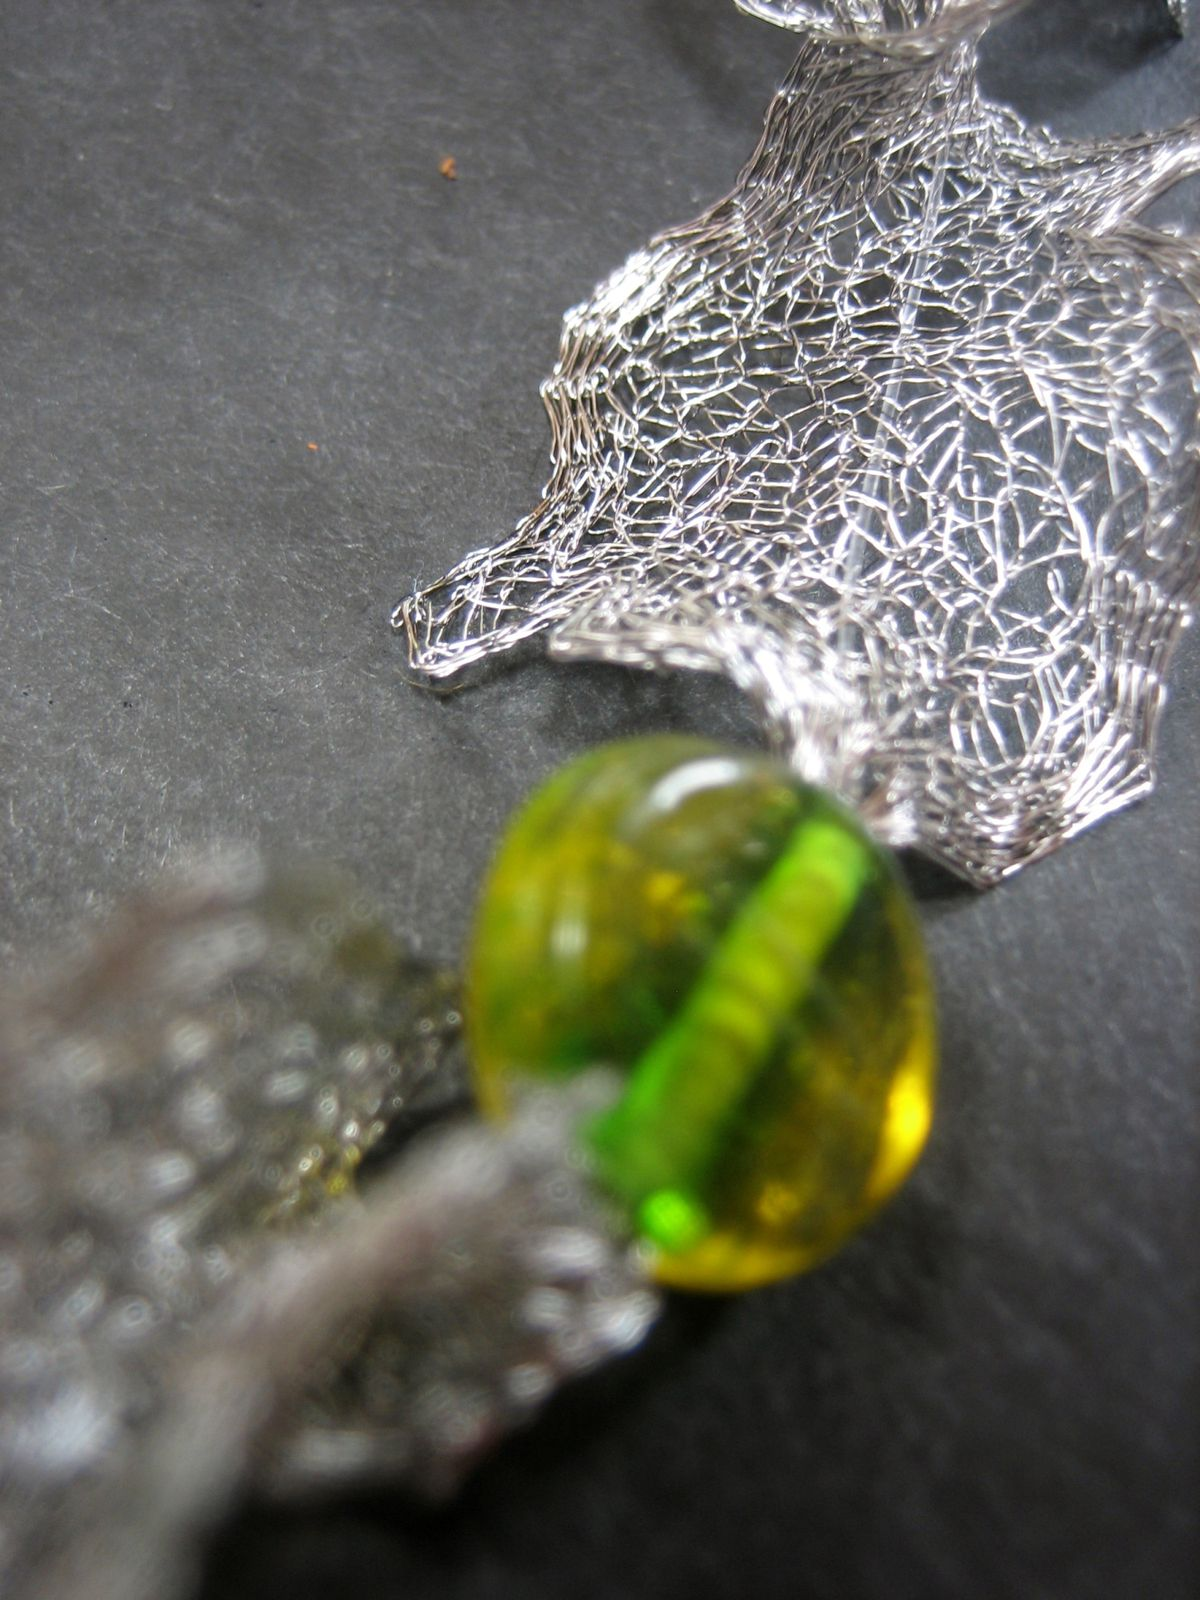 ... Organza...soie...rocaille...émaux...millefiori...verre...murano...vénitien...cristal...bohème...semi précieux...graine...bois...métal...argent...cuivre...végétaux...coquillage...plume  ...  et du fil ...